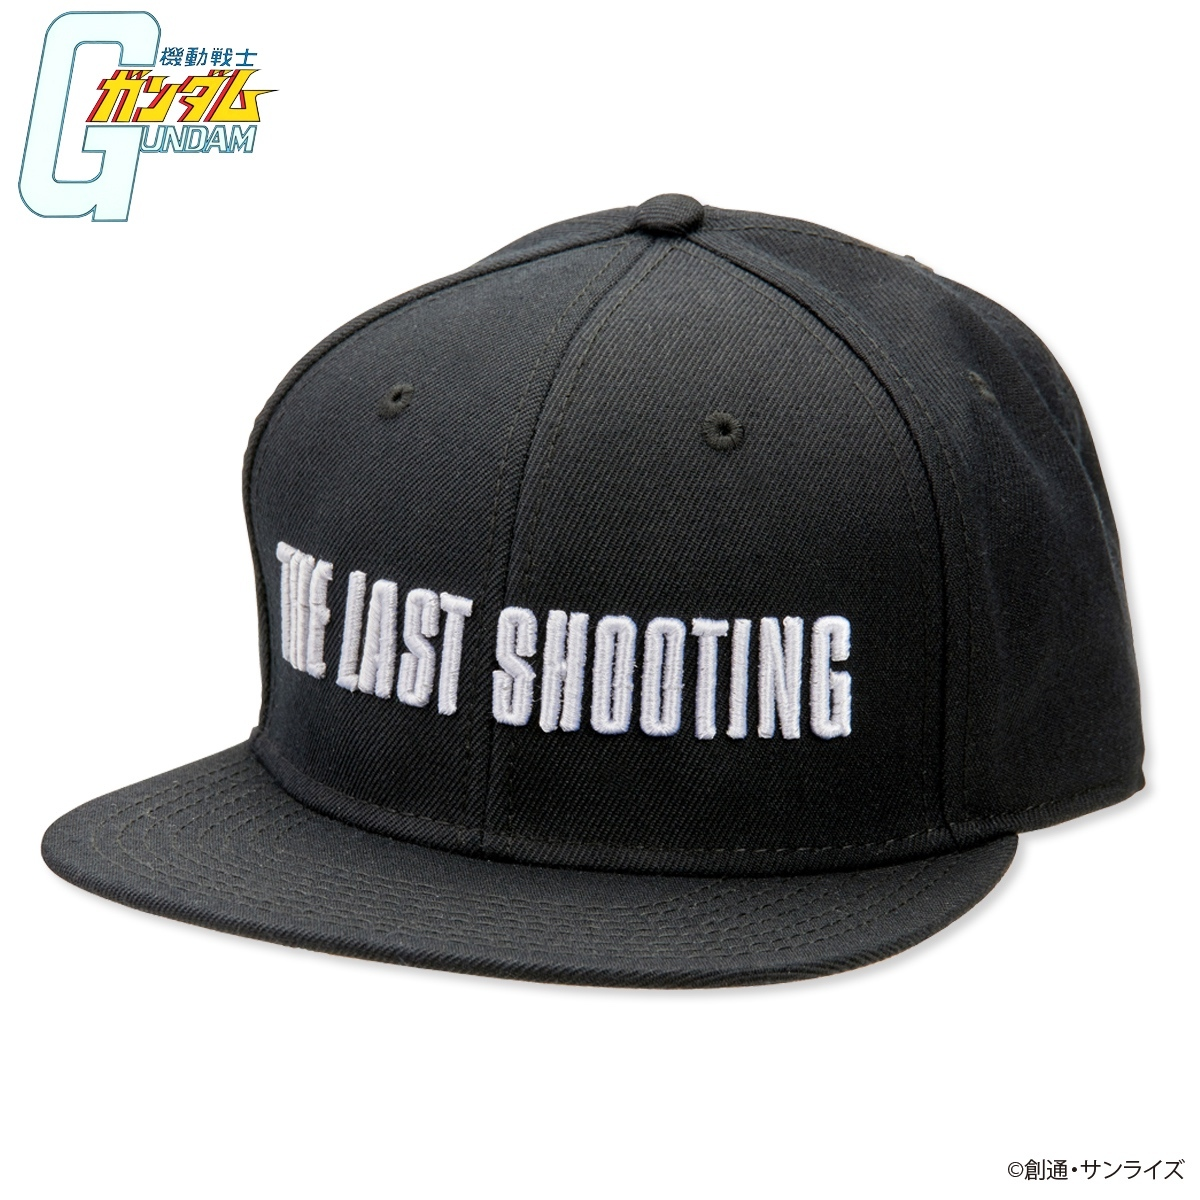 機動戦士ガンダム THE LAST SHOOTING キャップ2